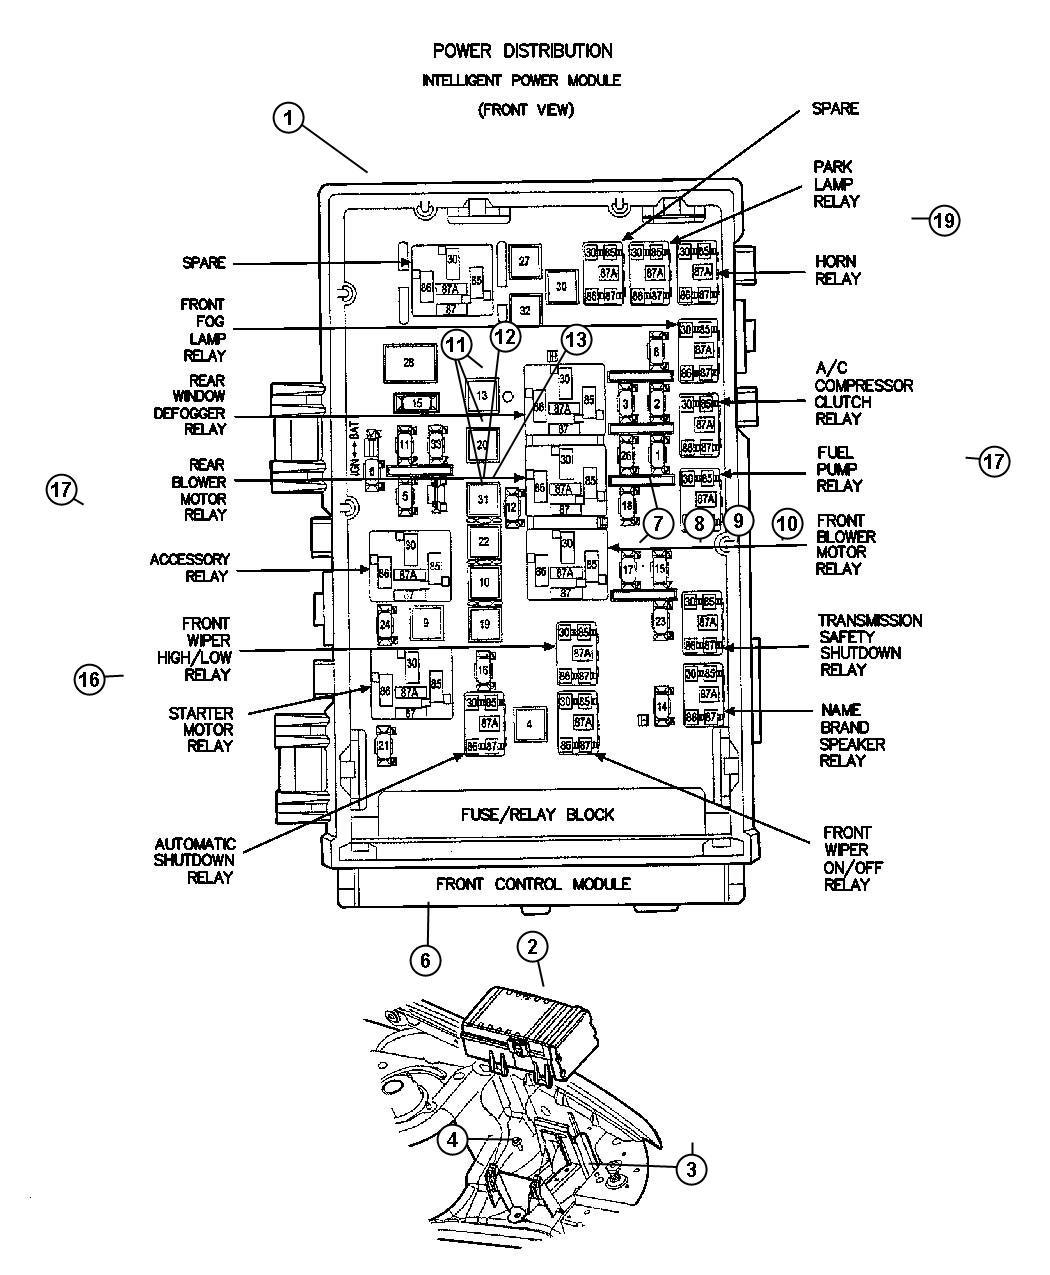 Chrysler Aspen Relay  Radiator Fan  Located On Bumper Beam